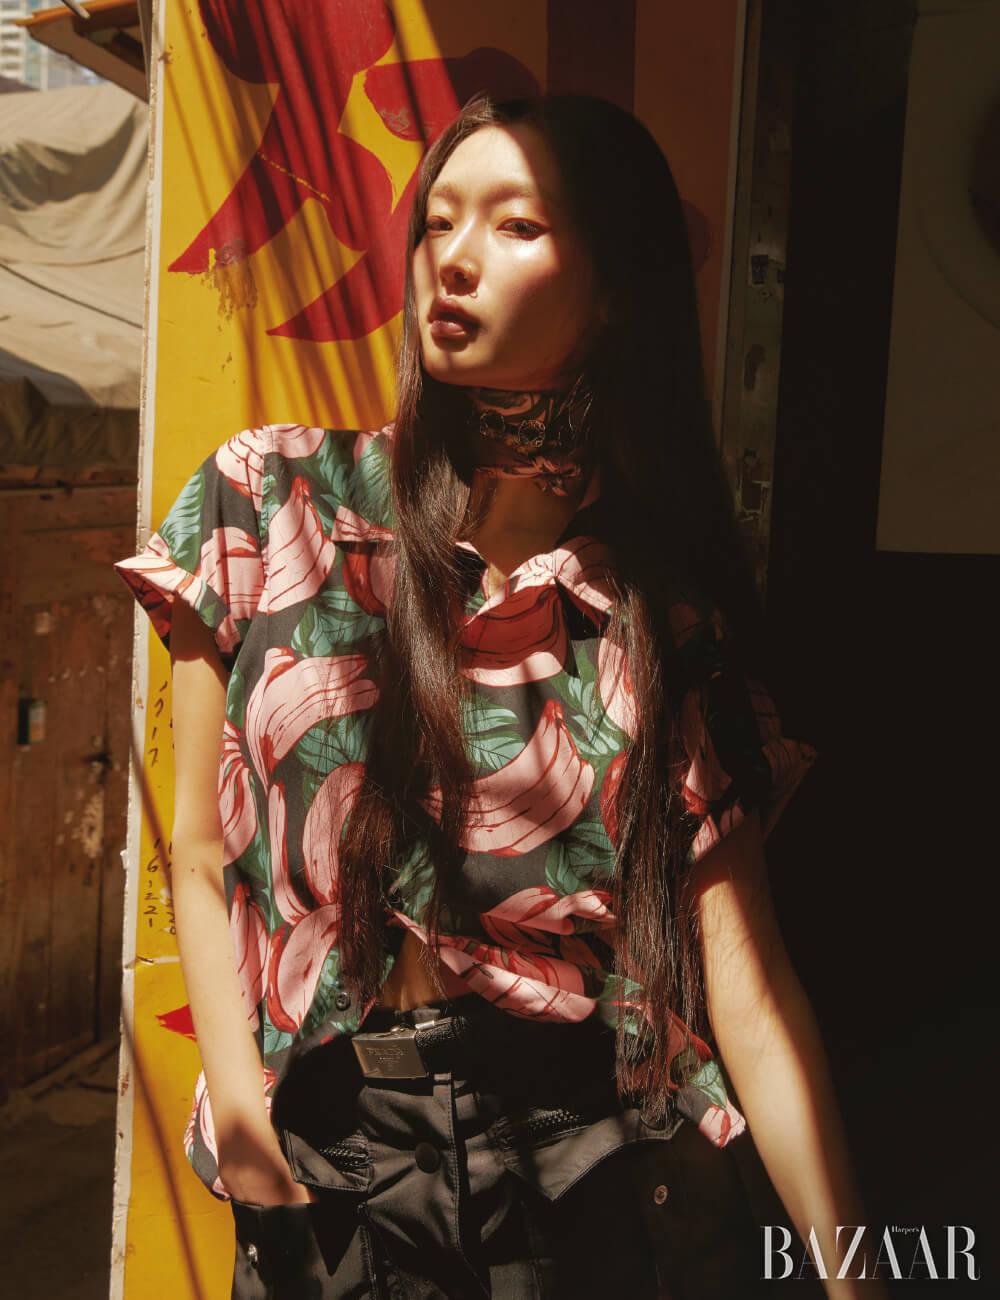 빈티지 프린트 셔츠, 스카프는 모두 Dongmyo Flea Market, 나일론 소재 스커트, 벨트는 모두 Prada, 초커는 26만5천원Marc Jacobs.